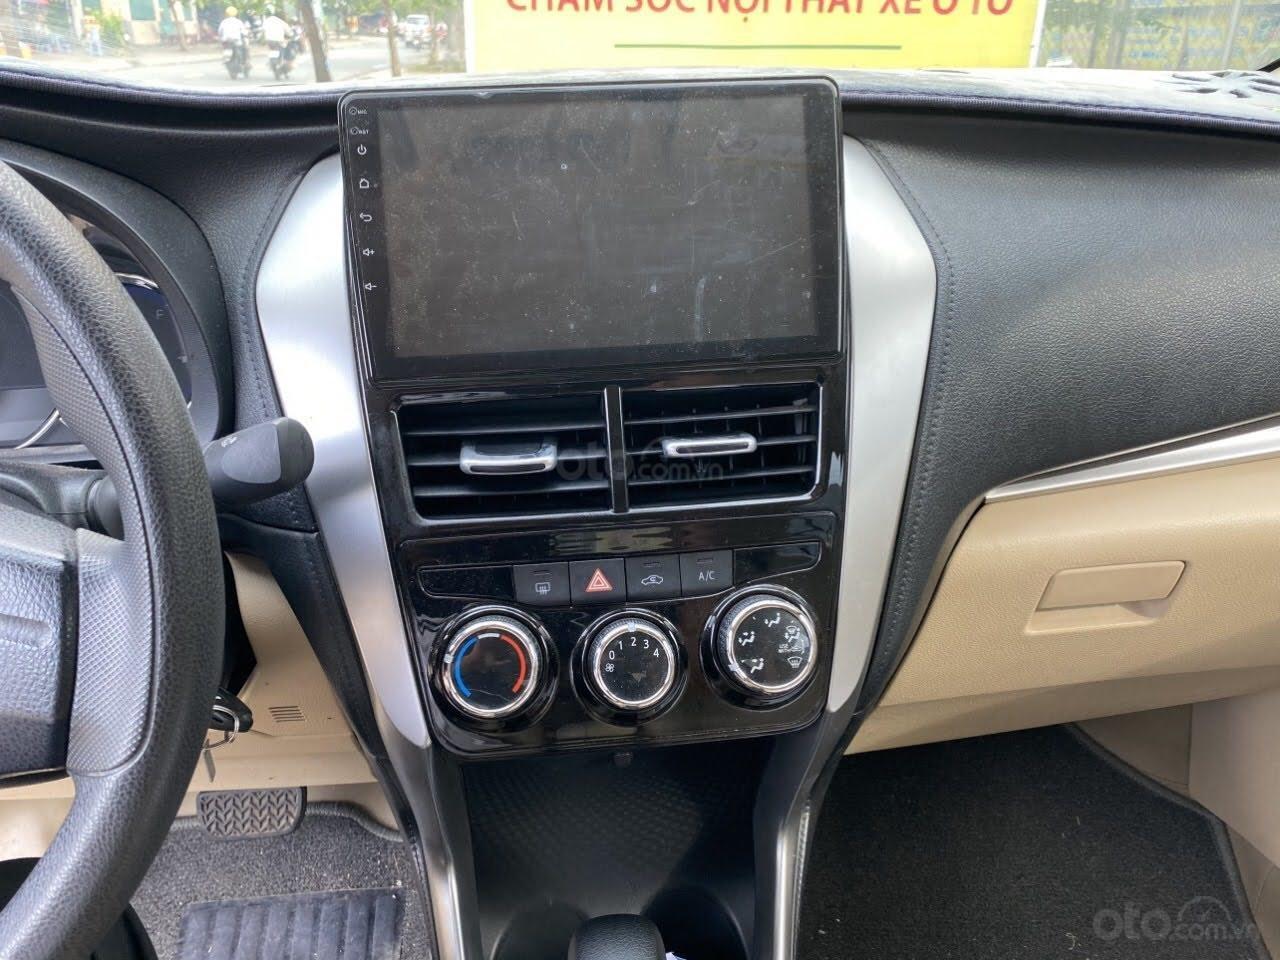 Cần bán Toyota Vios 1.5 E số tự động bản cao cấp (7)